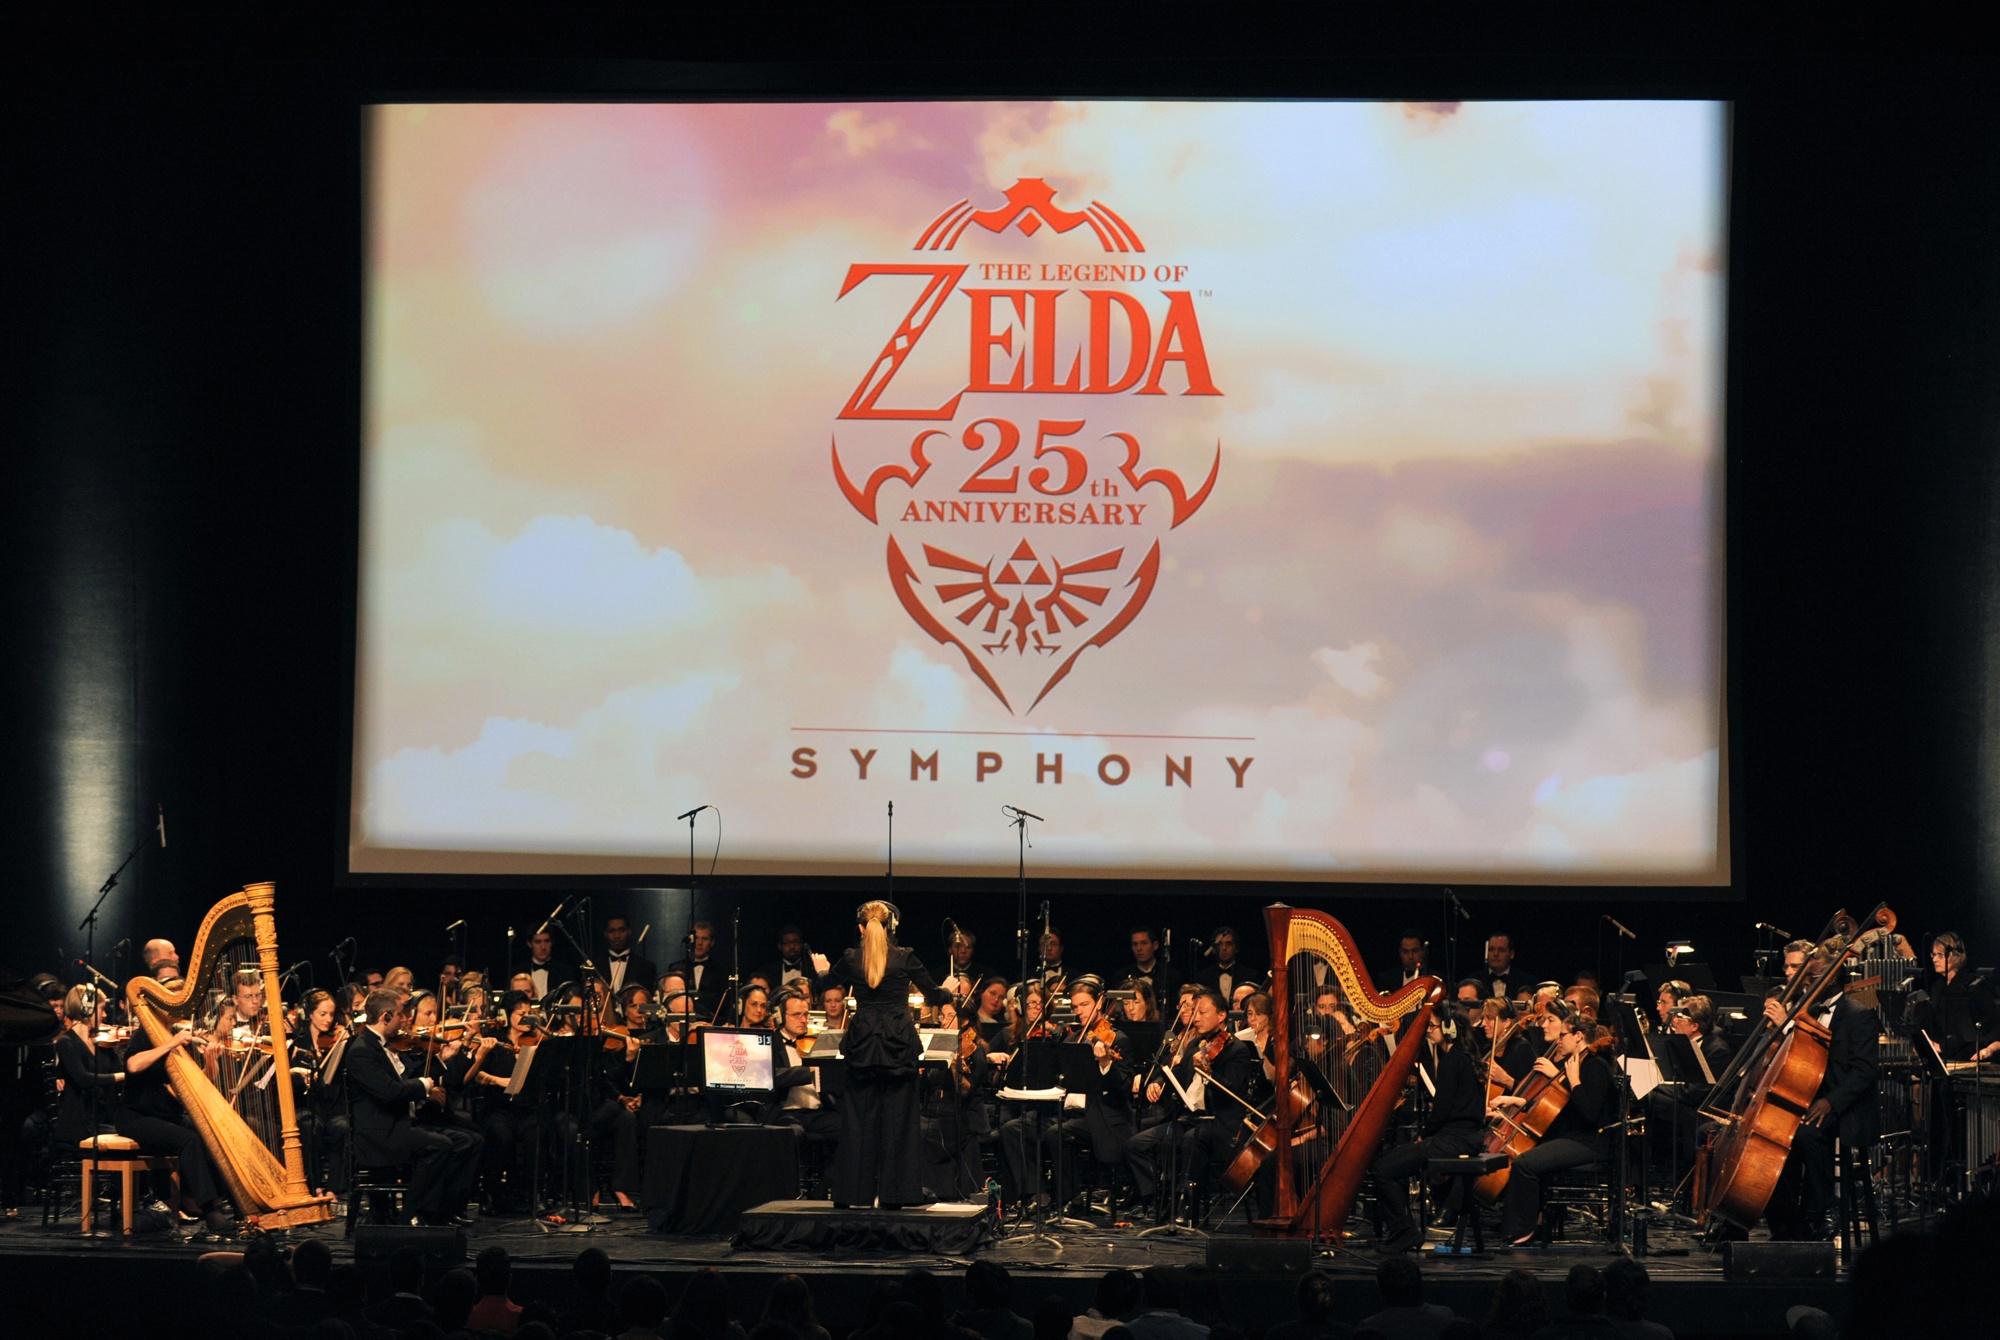 zelda_concert_Nintendo.jpg